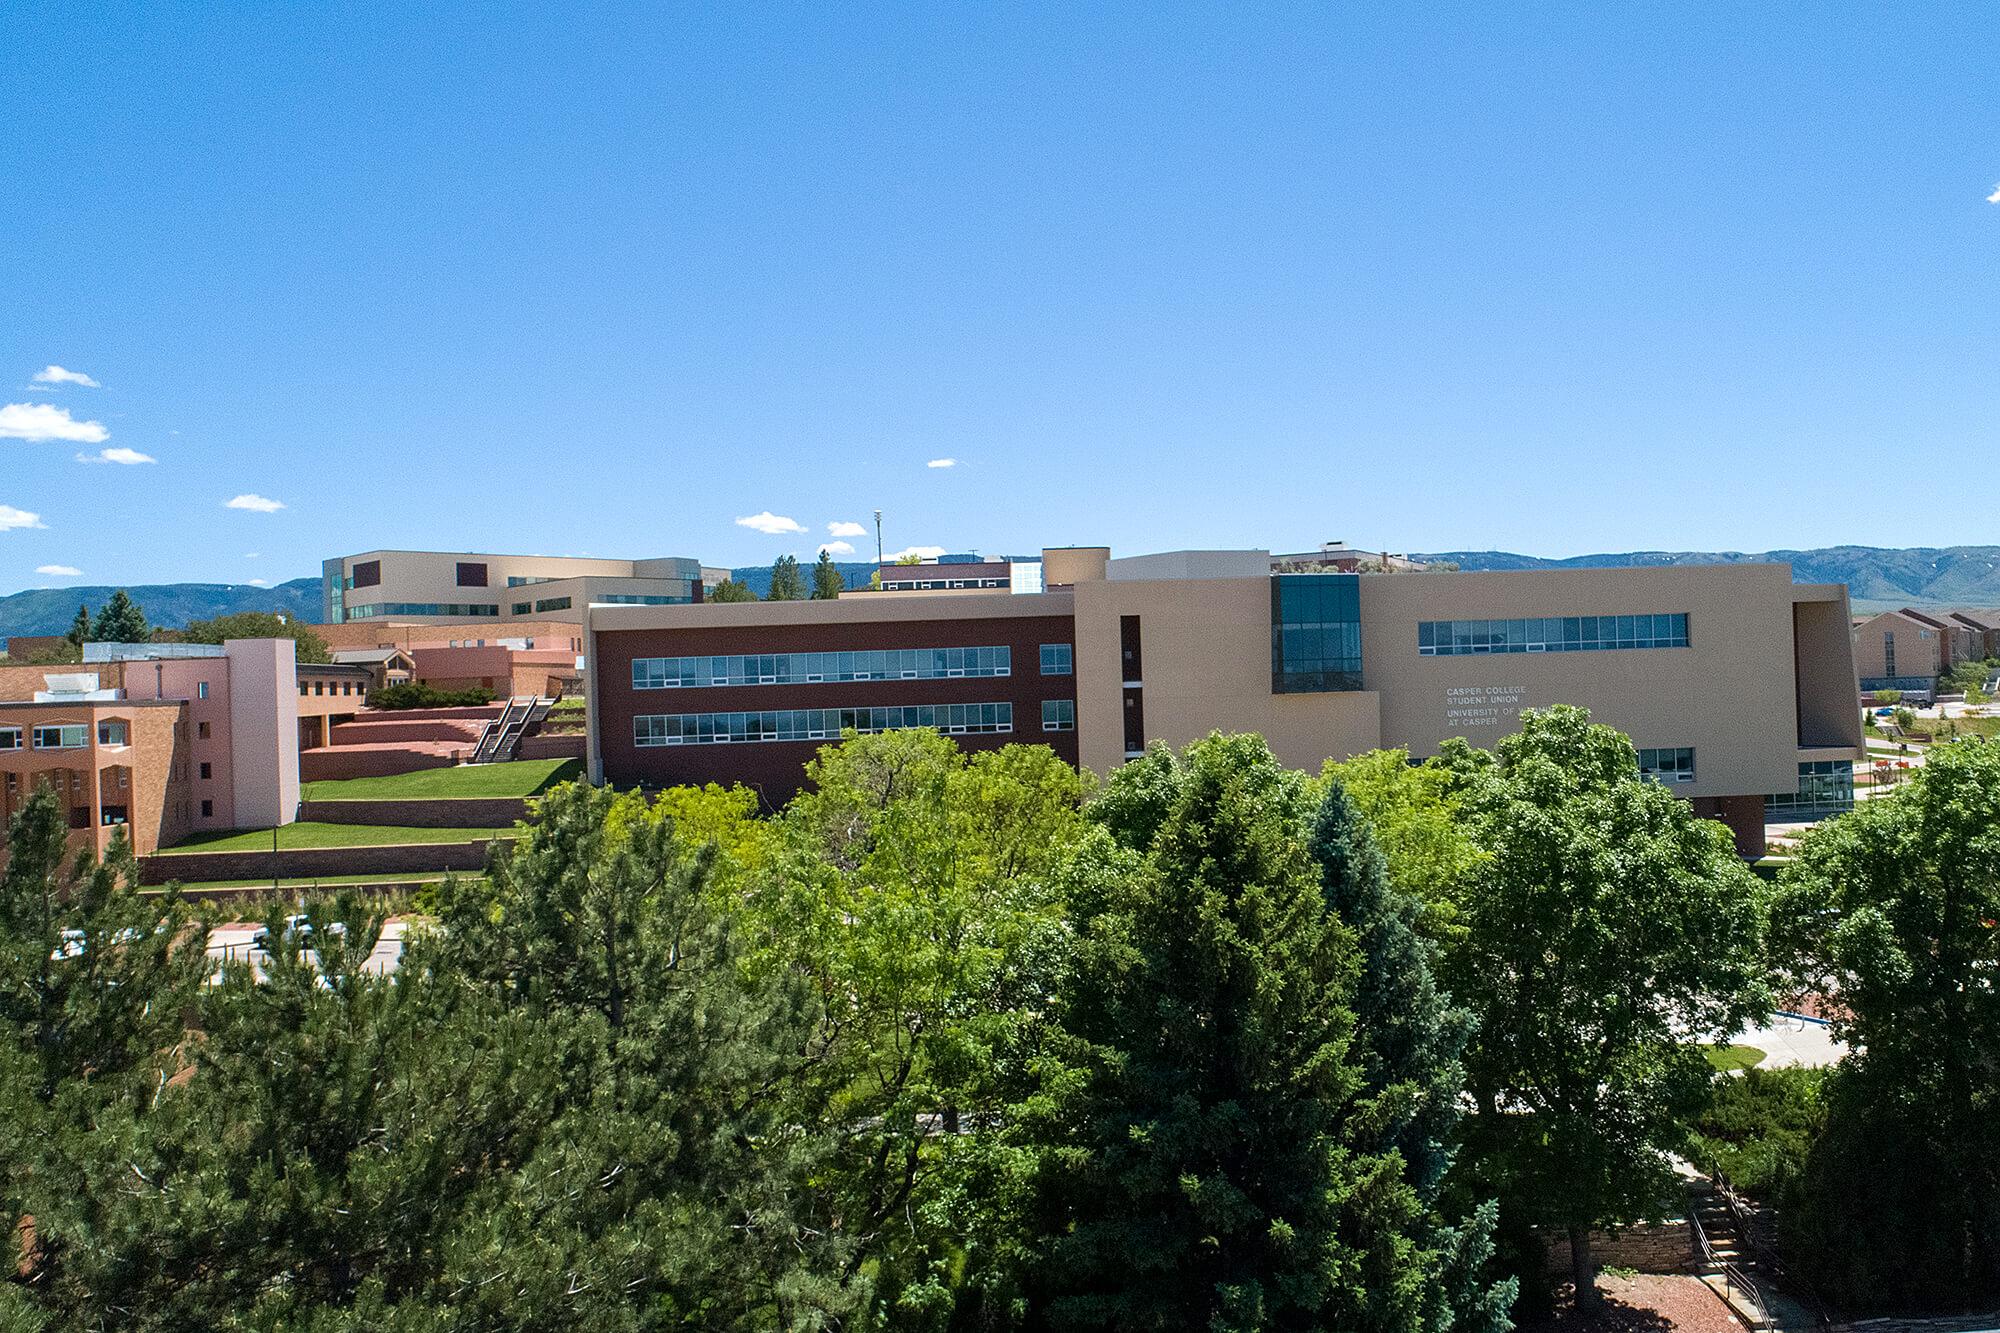 Photo of Casper College campus.